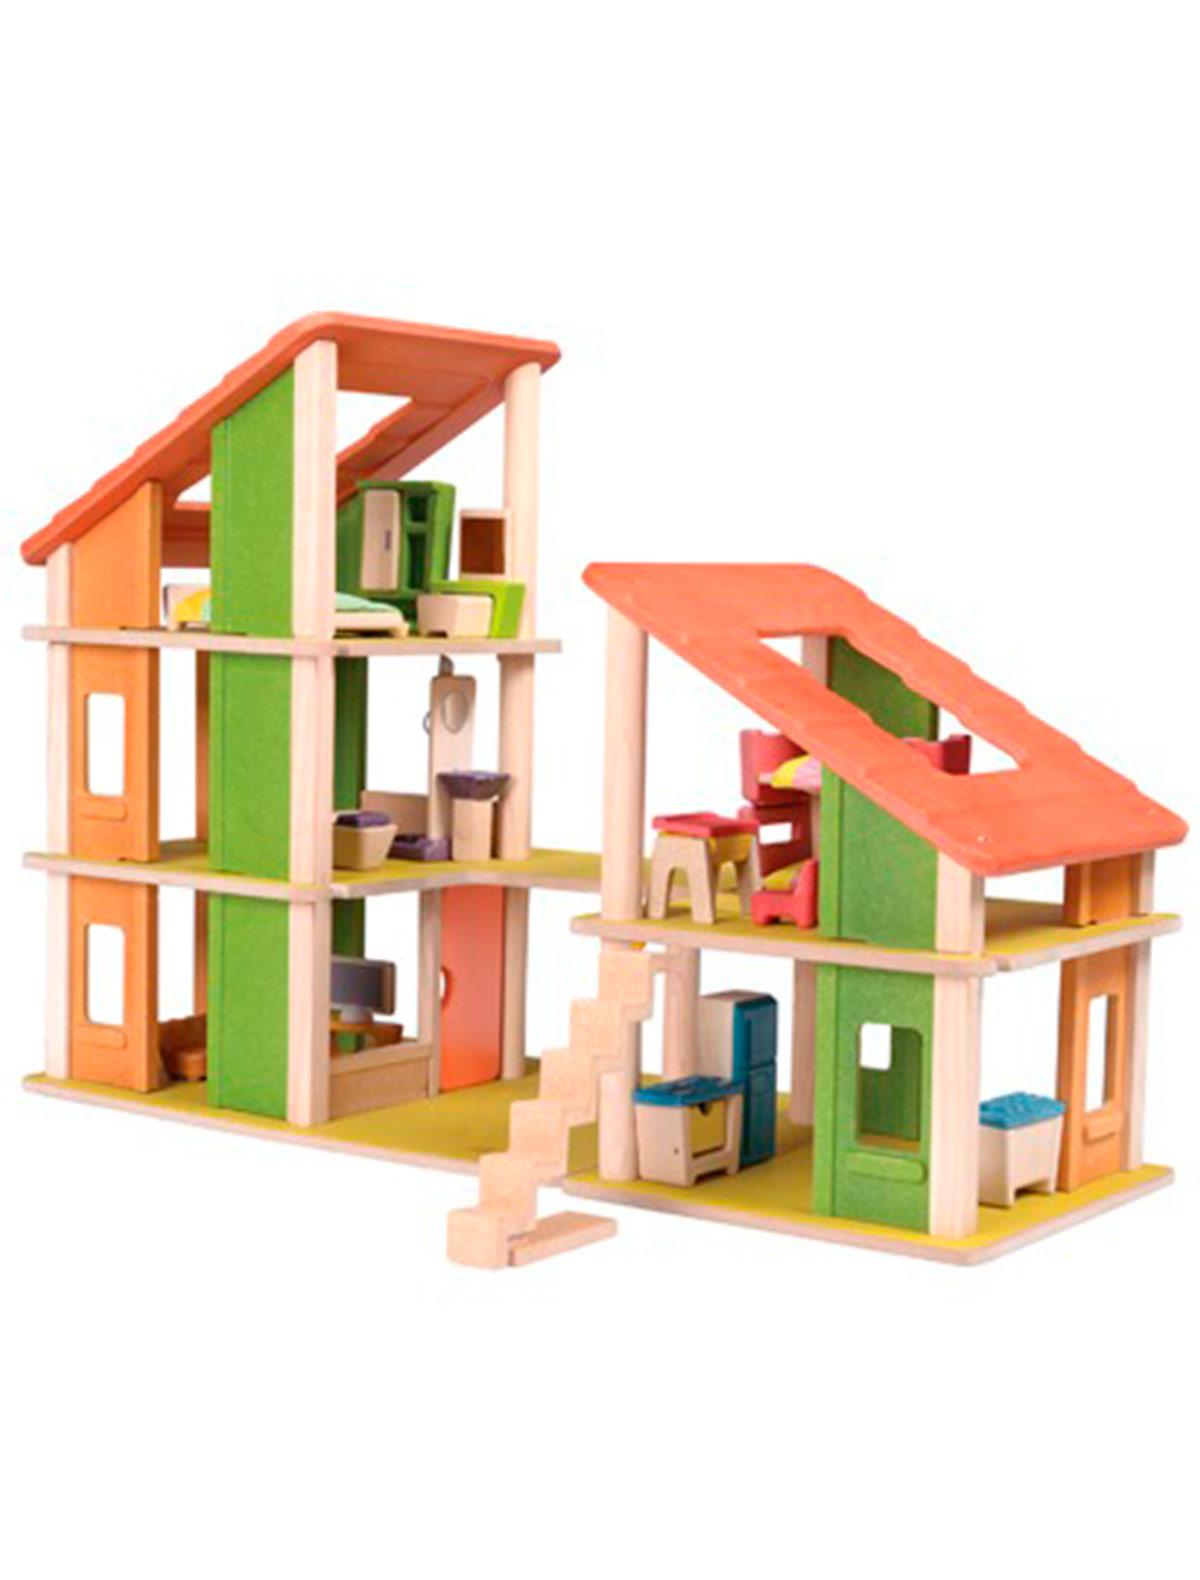 Купить 2135127, Игрушка PLAN TOYS, разноцветный, 7132529980990